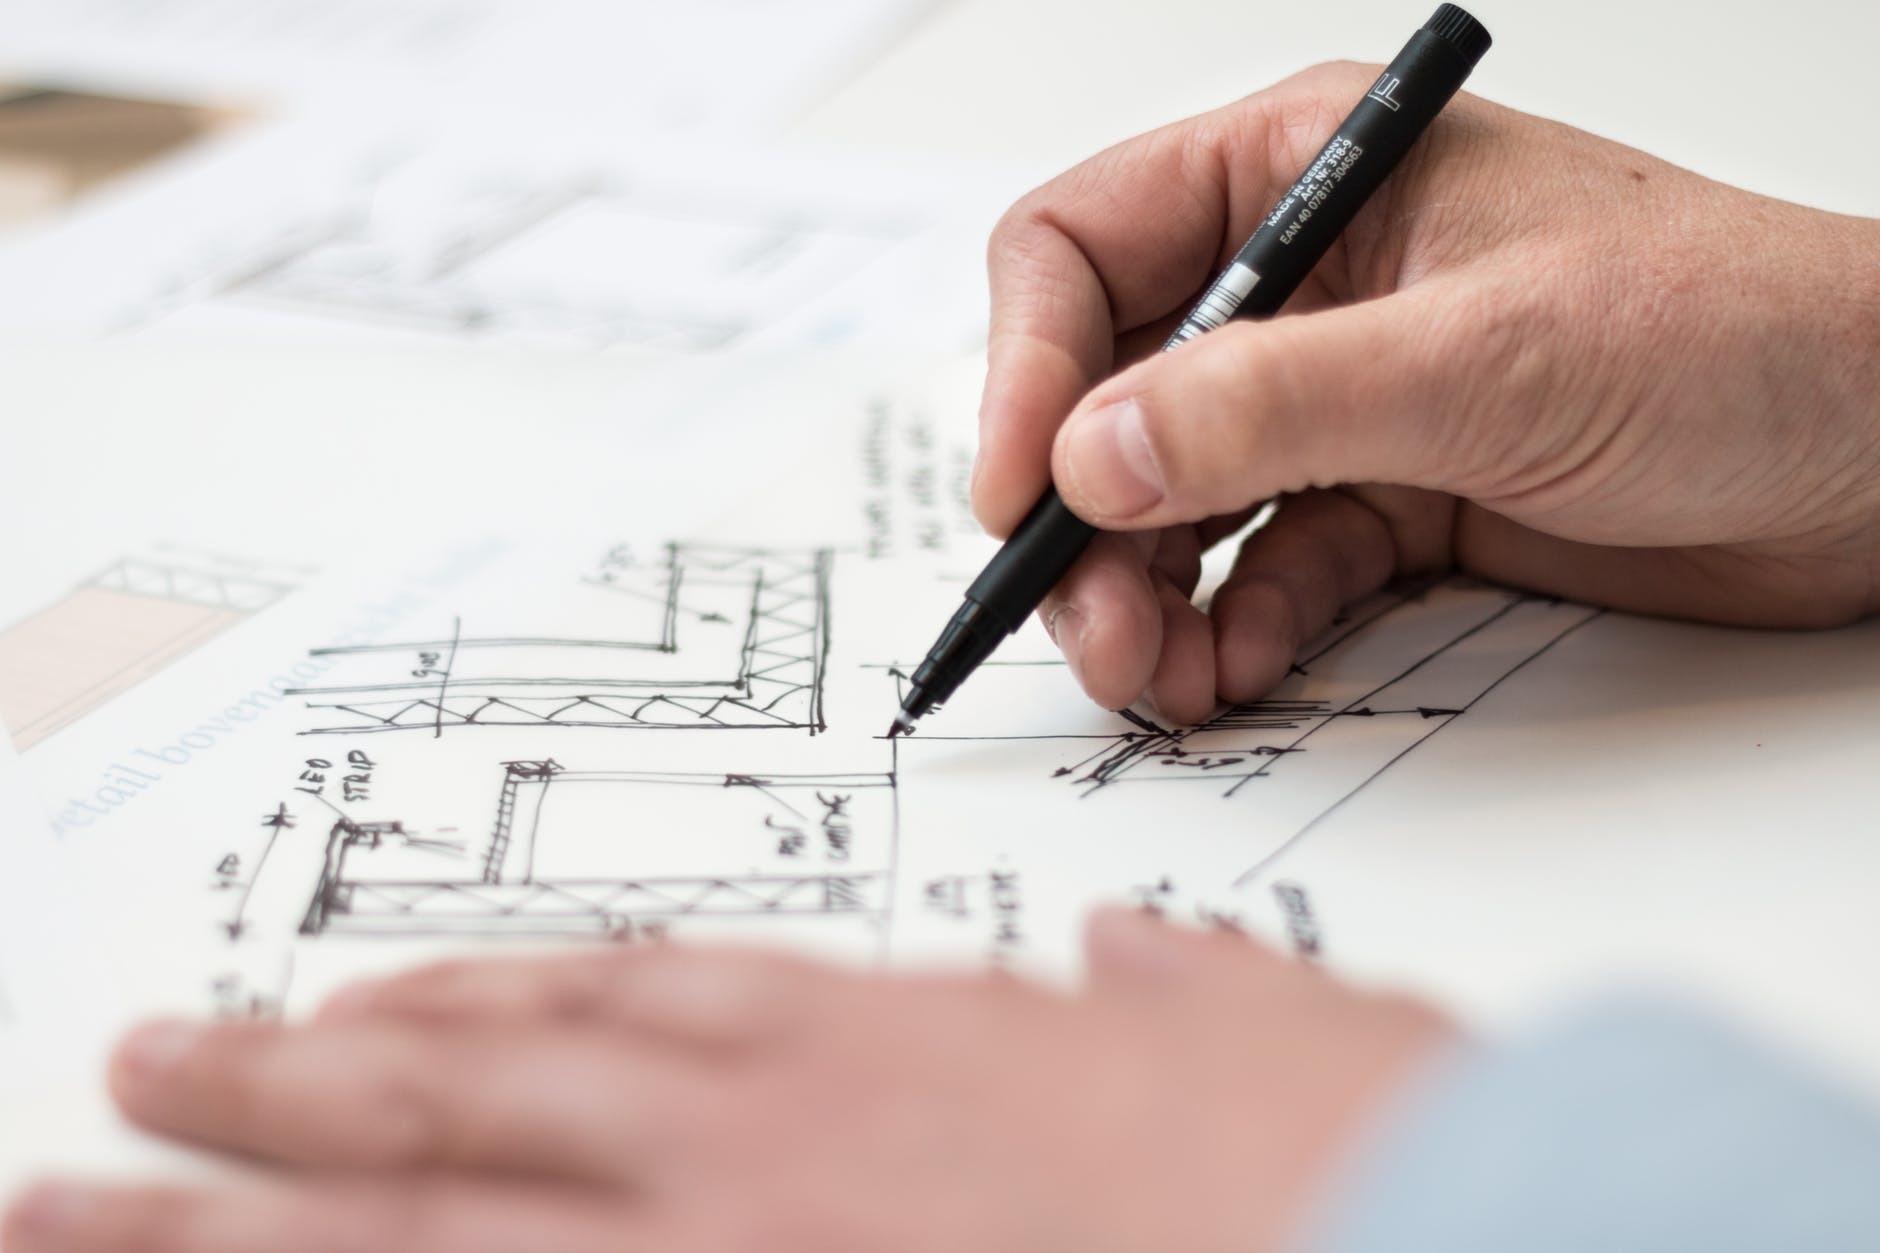 Få hjælp fra en lokal håndværker til dit kommende byggeprojekt